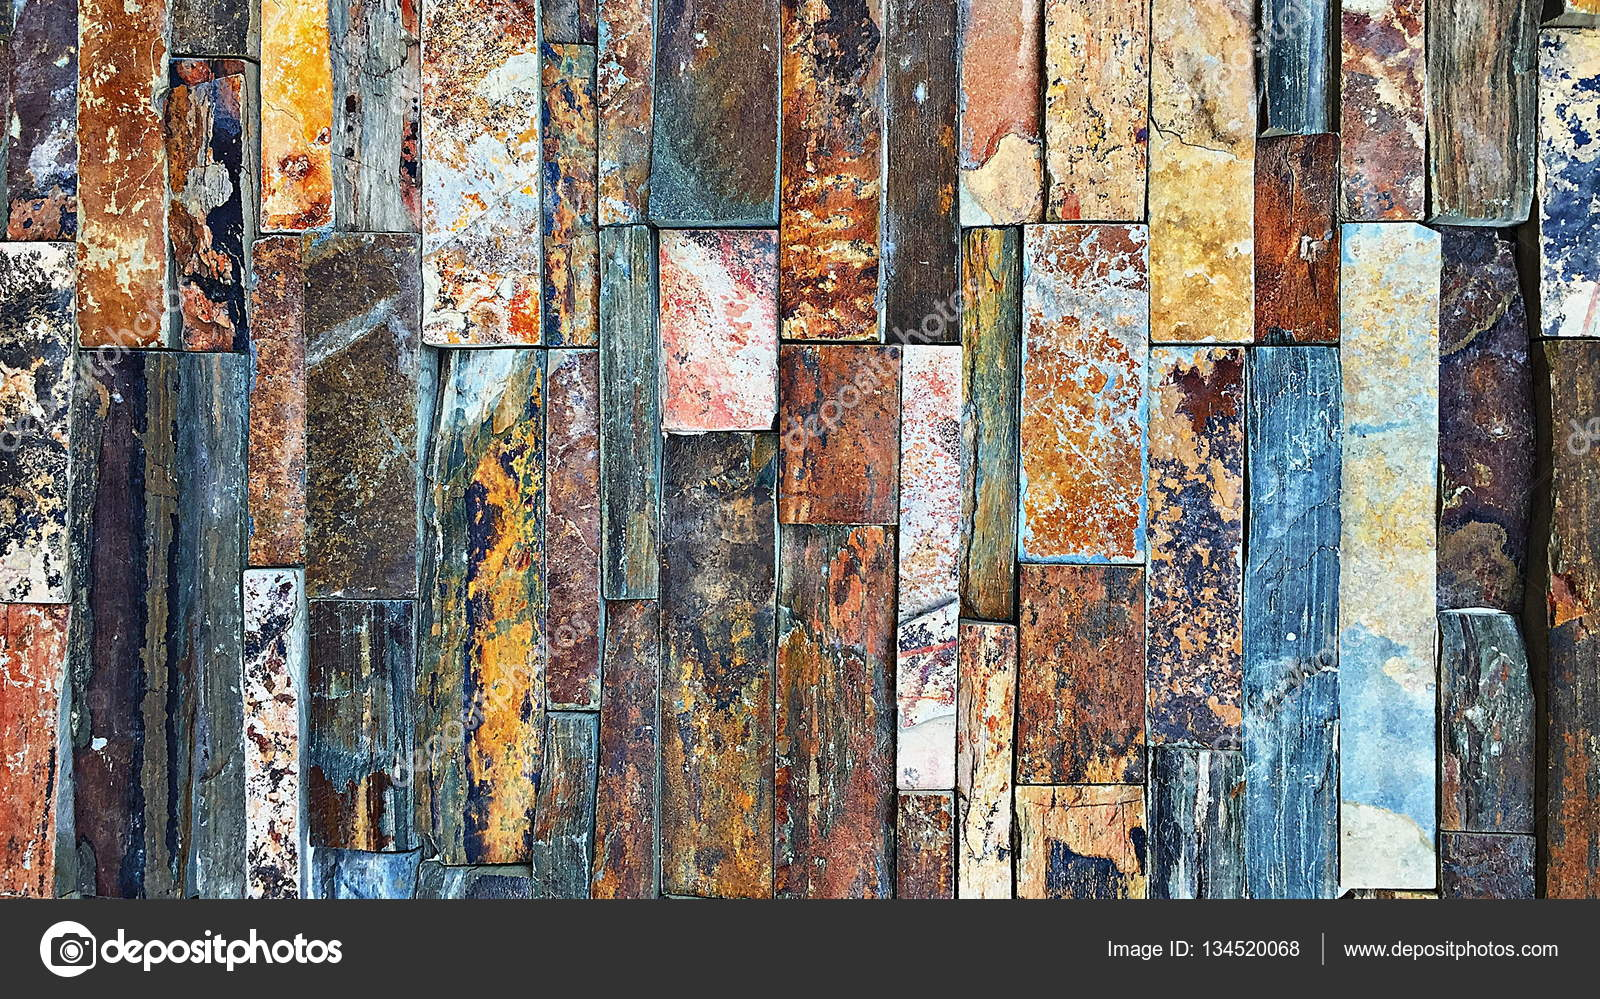 Farbe Marmor Abstrakter Natur Marmor Gemusterten Textur Hintergrund  Architektur Schöne Design Granit Recycling Wand Steinen Innenarchitektur  Haus Home ...